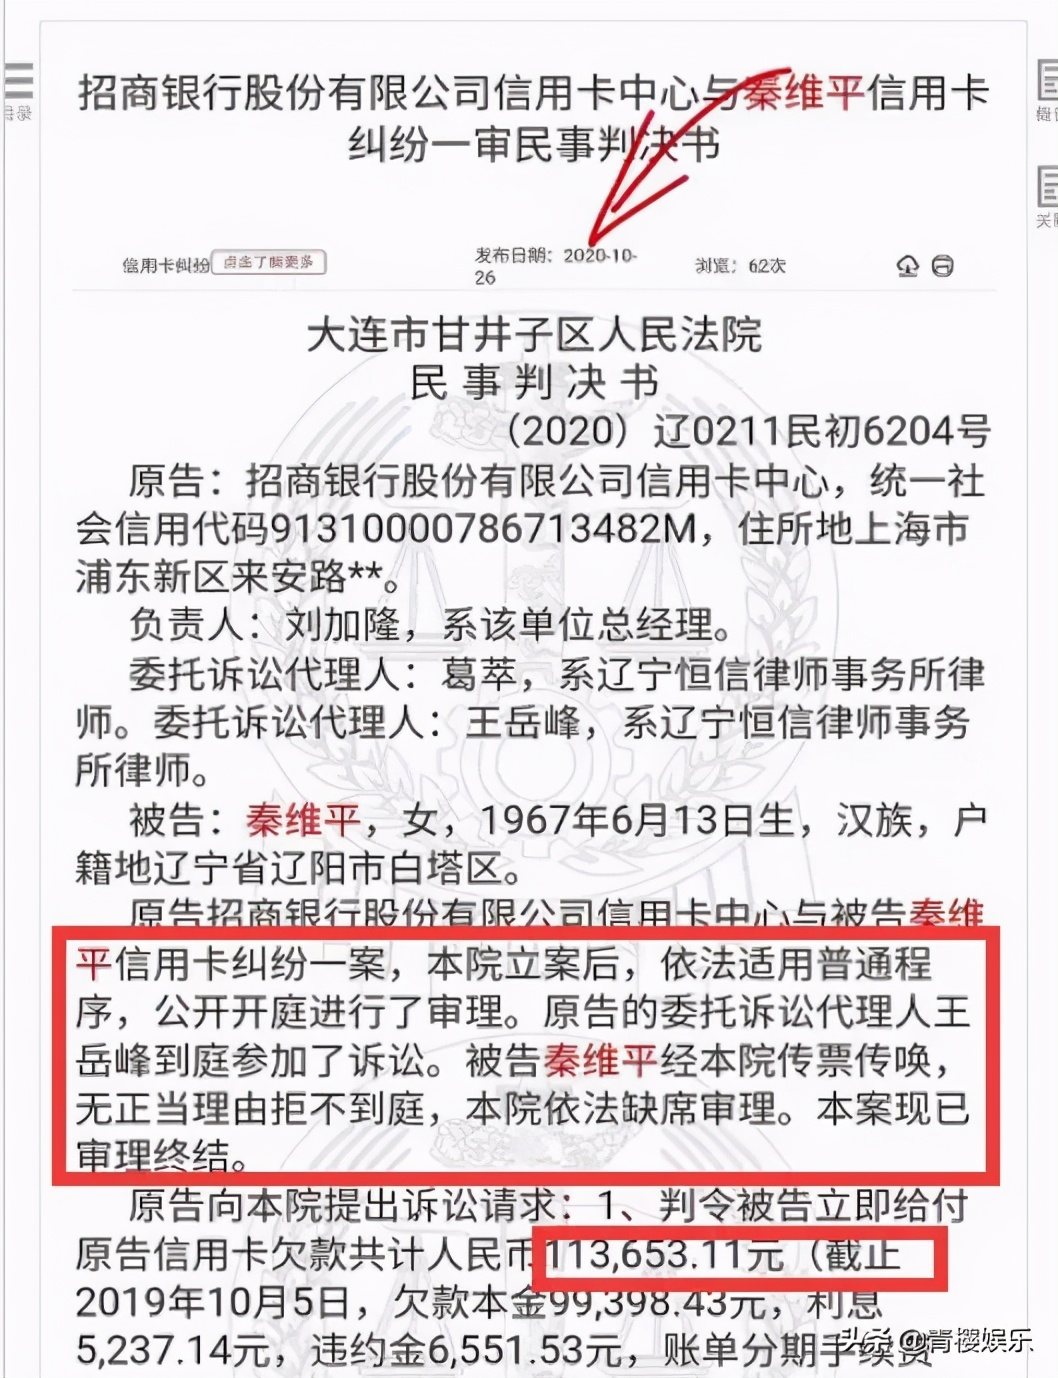 欠款11万被列老赖名单,秦霄贤母亲被告上法庭,富二代人设翻车